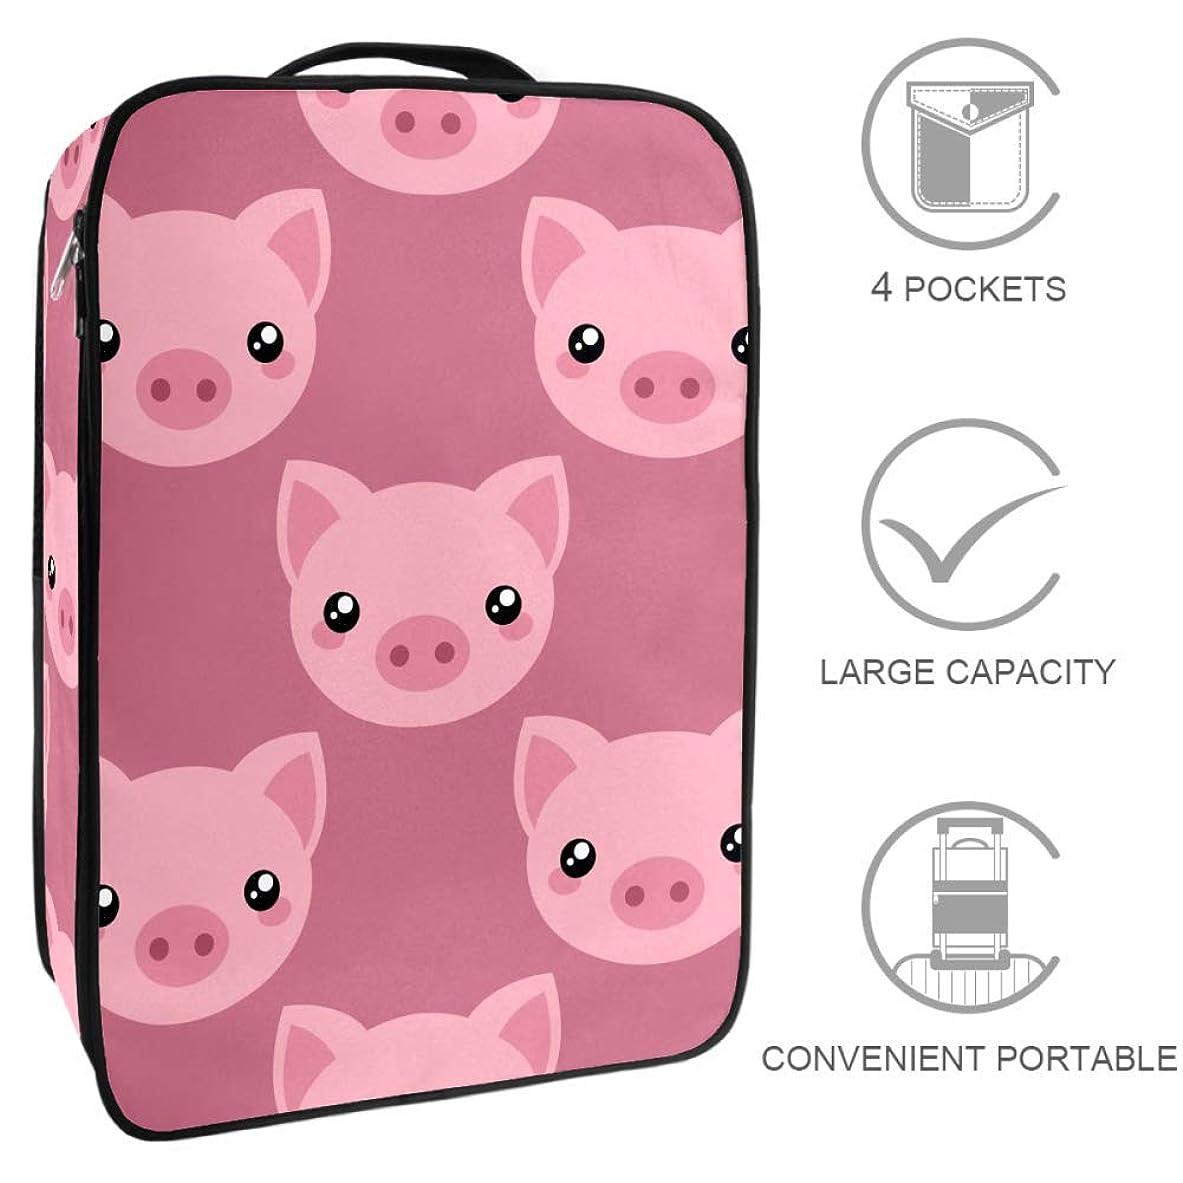 パラシュートカフェ絶滅させるMYSTAGE シューズバッグ 靴箱 シューズケース シューズ袋 旅行収納ポーチ 二層式 靴入れ 小物収納 収納ケース アウドドア 出張 旅行 豚の顔 ピンク